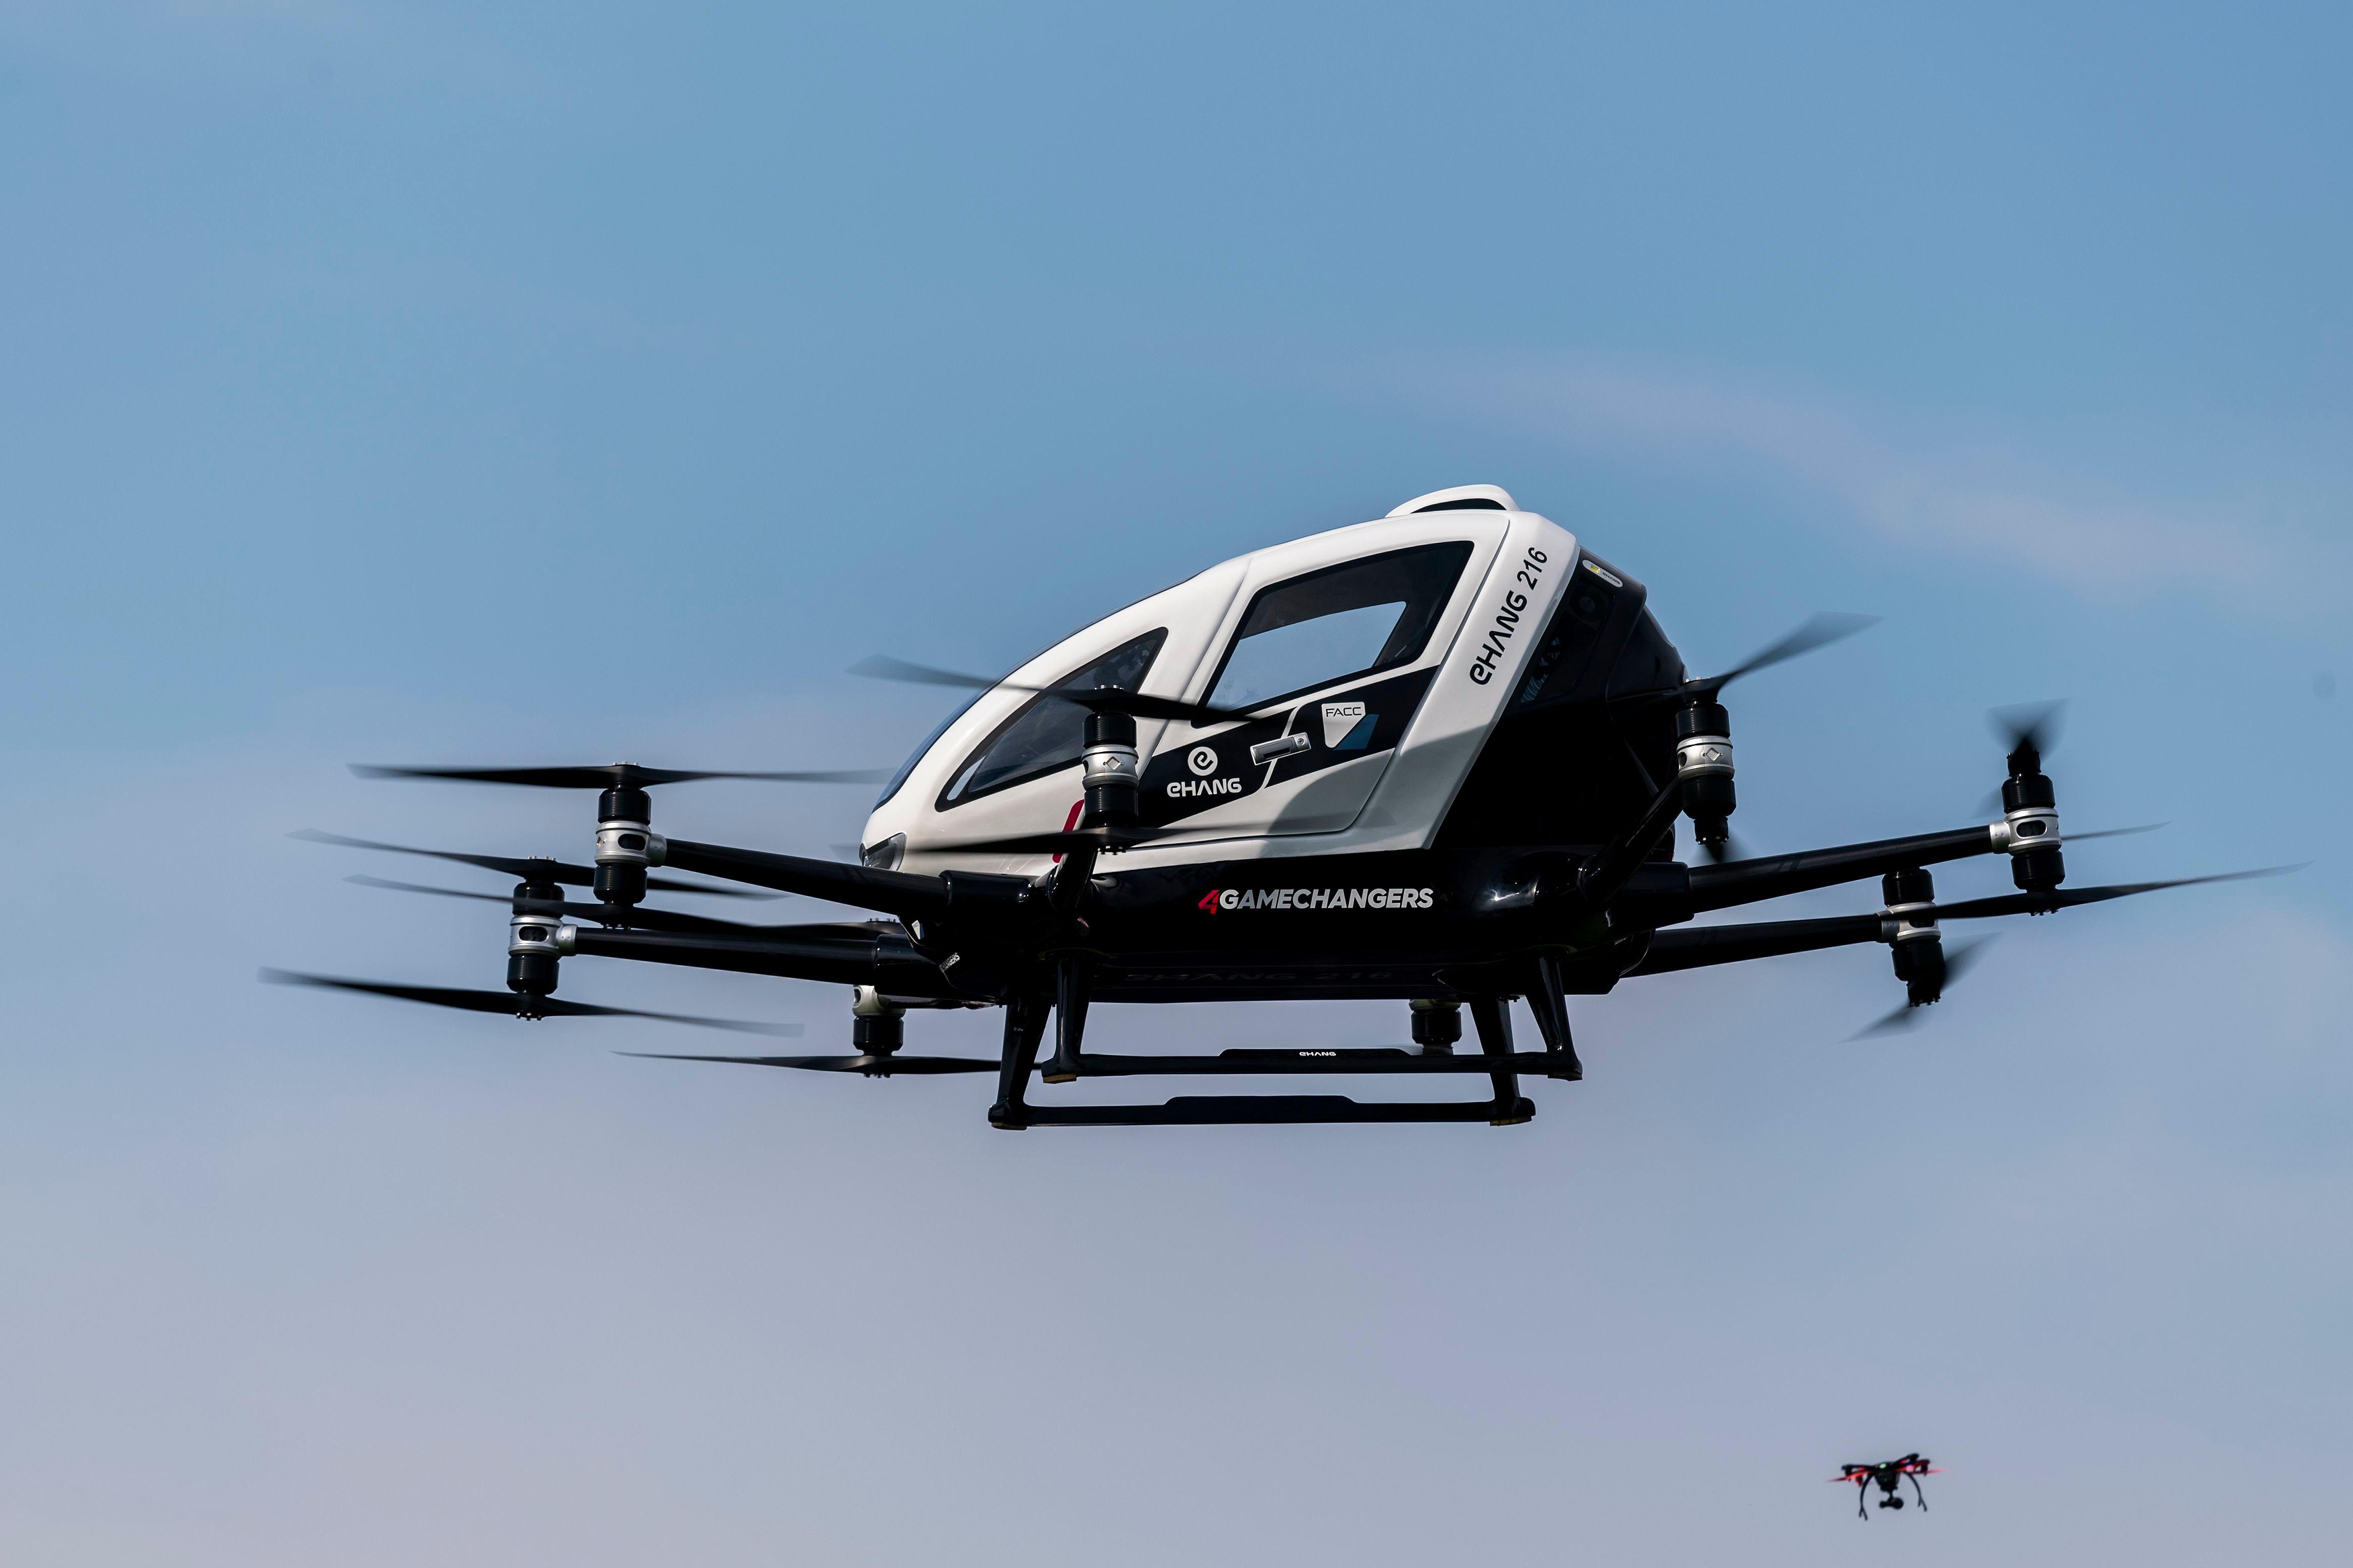 PAV-lentokulkuvälineitä (Personal Air Vehicle) on pidetty utopistisena haaveena. Teknologia on kuitenkin jo olemassa.